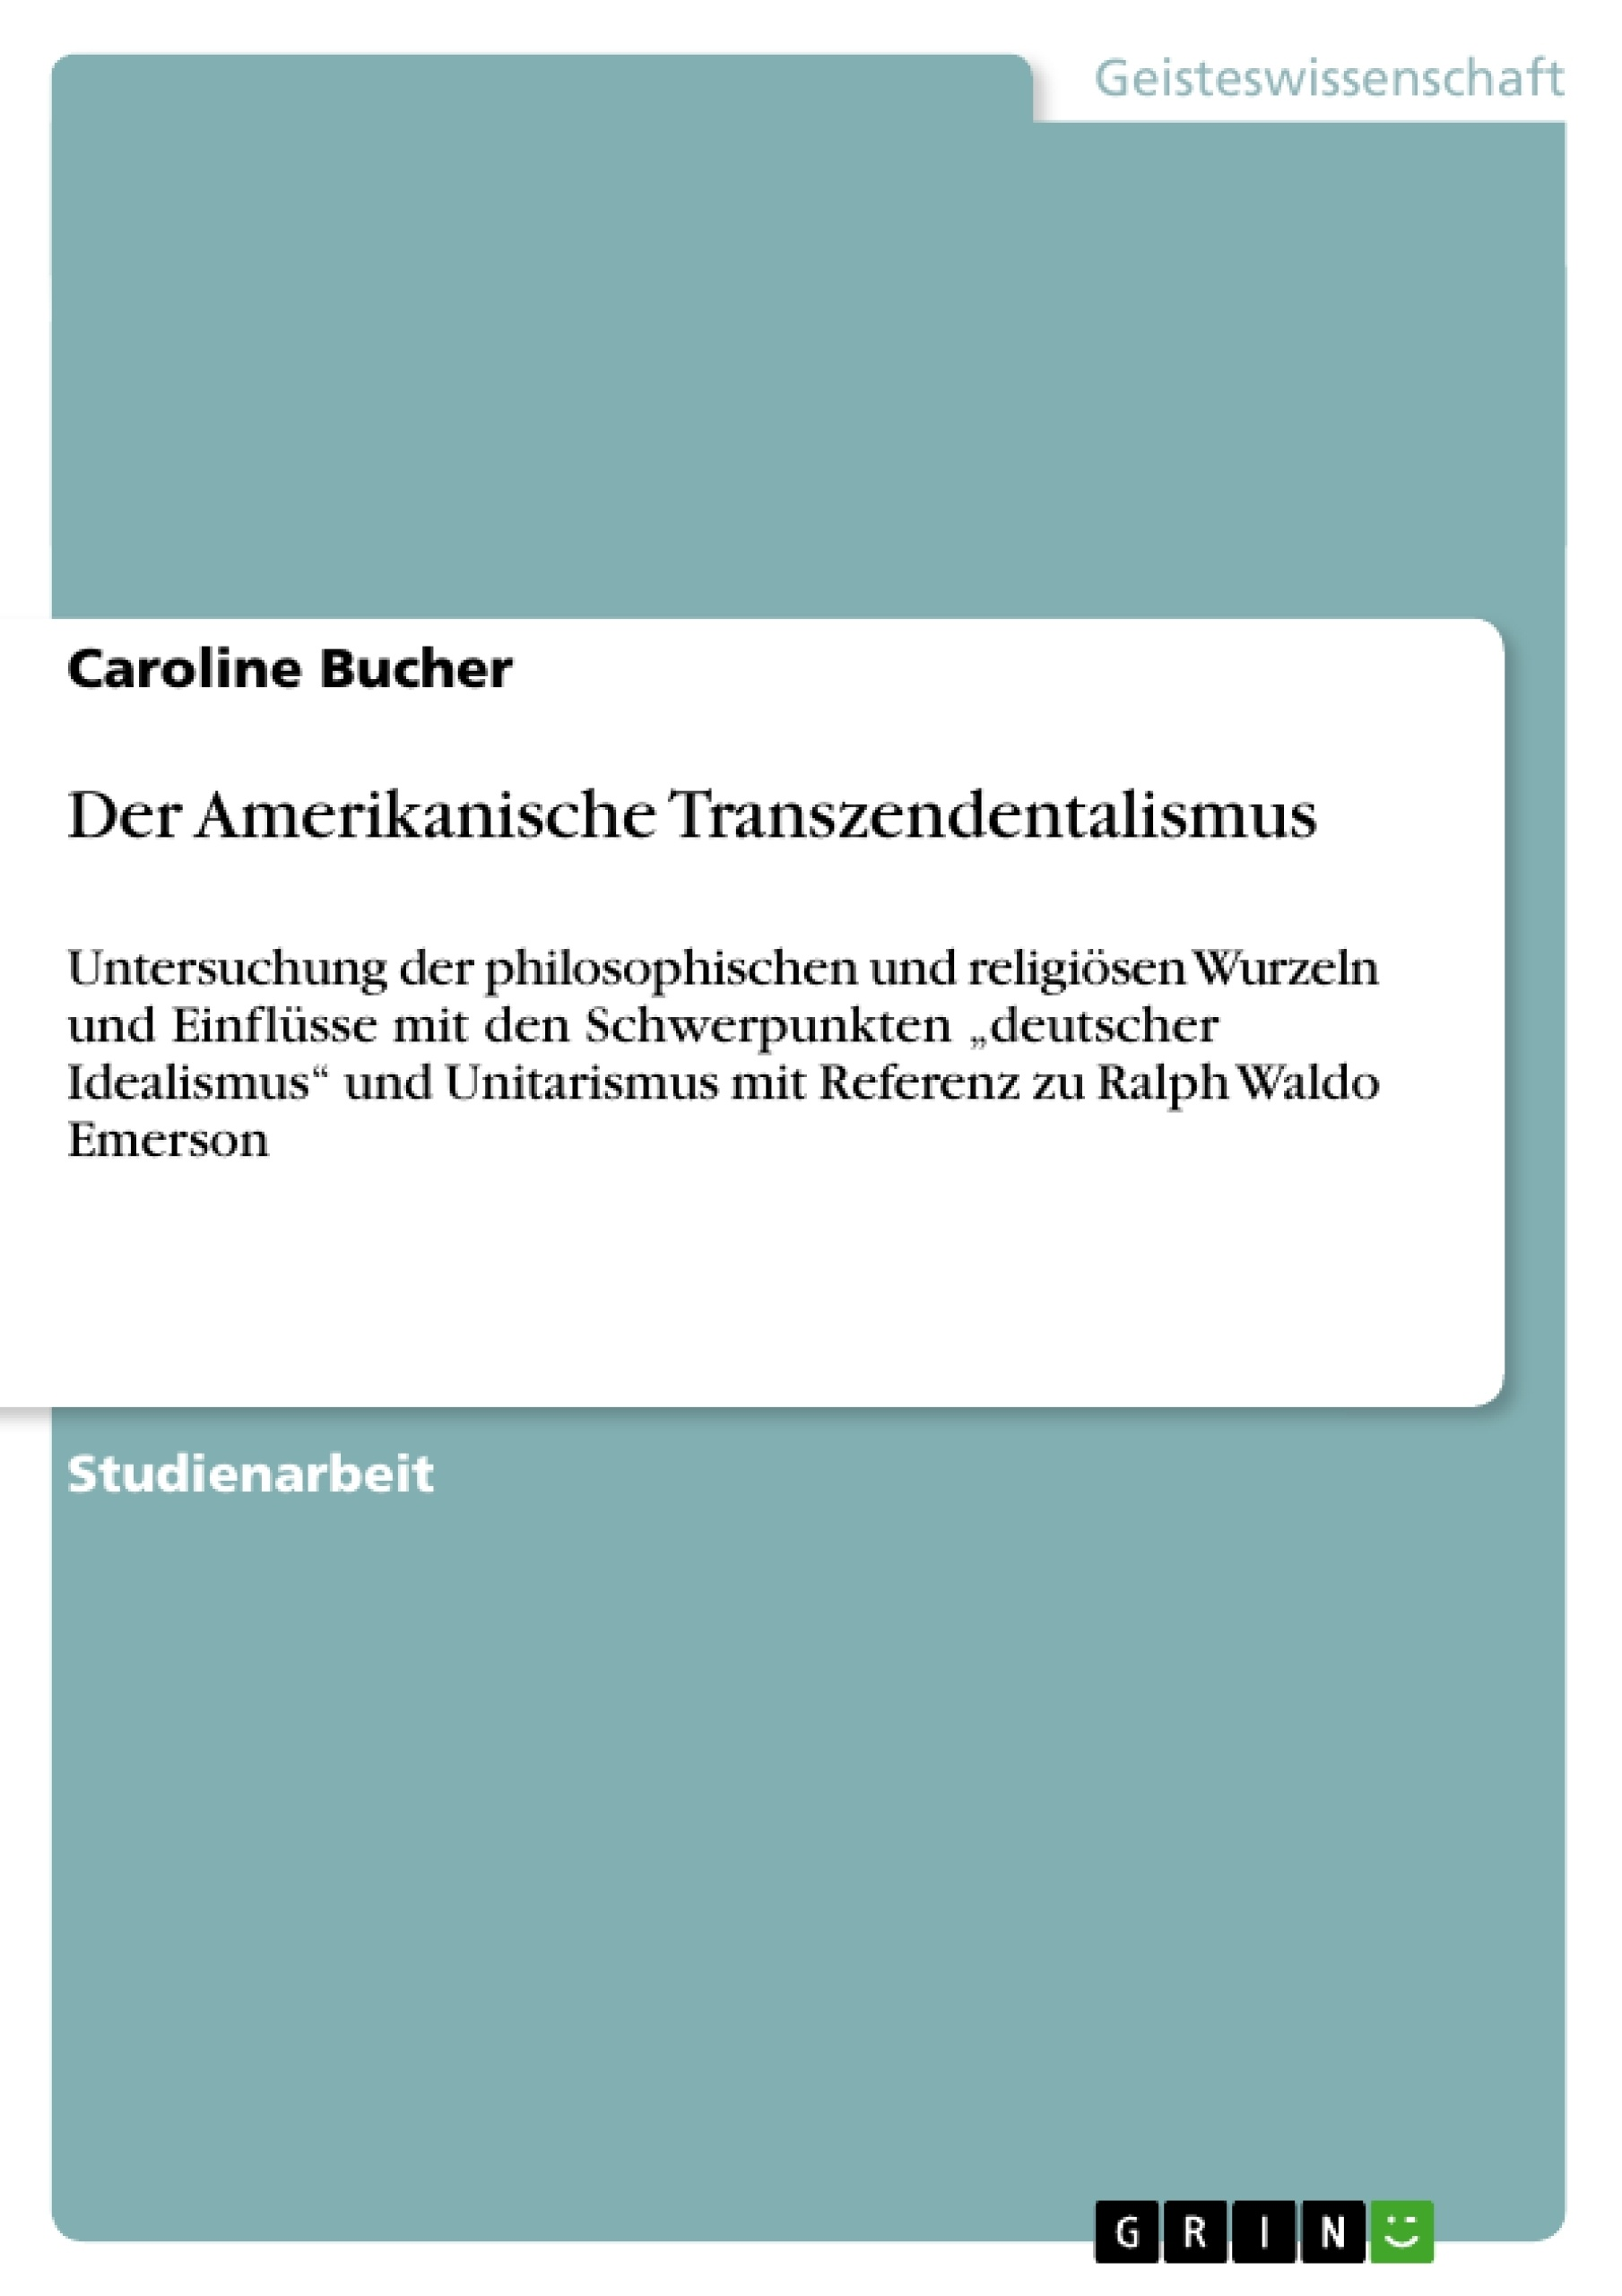 Titel: Der Amerikanische Transzendentalismus